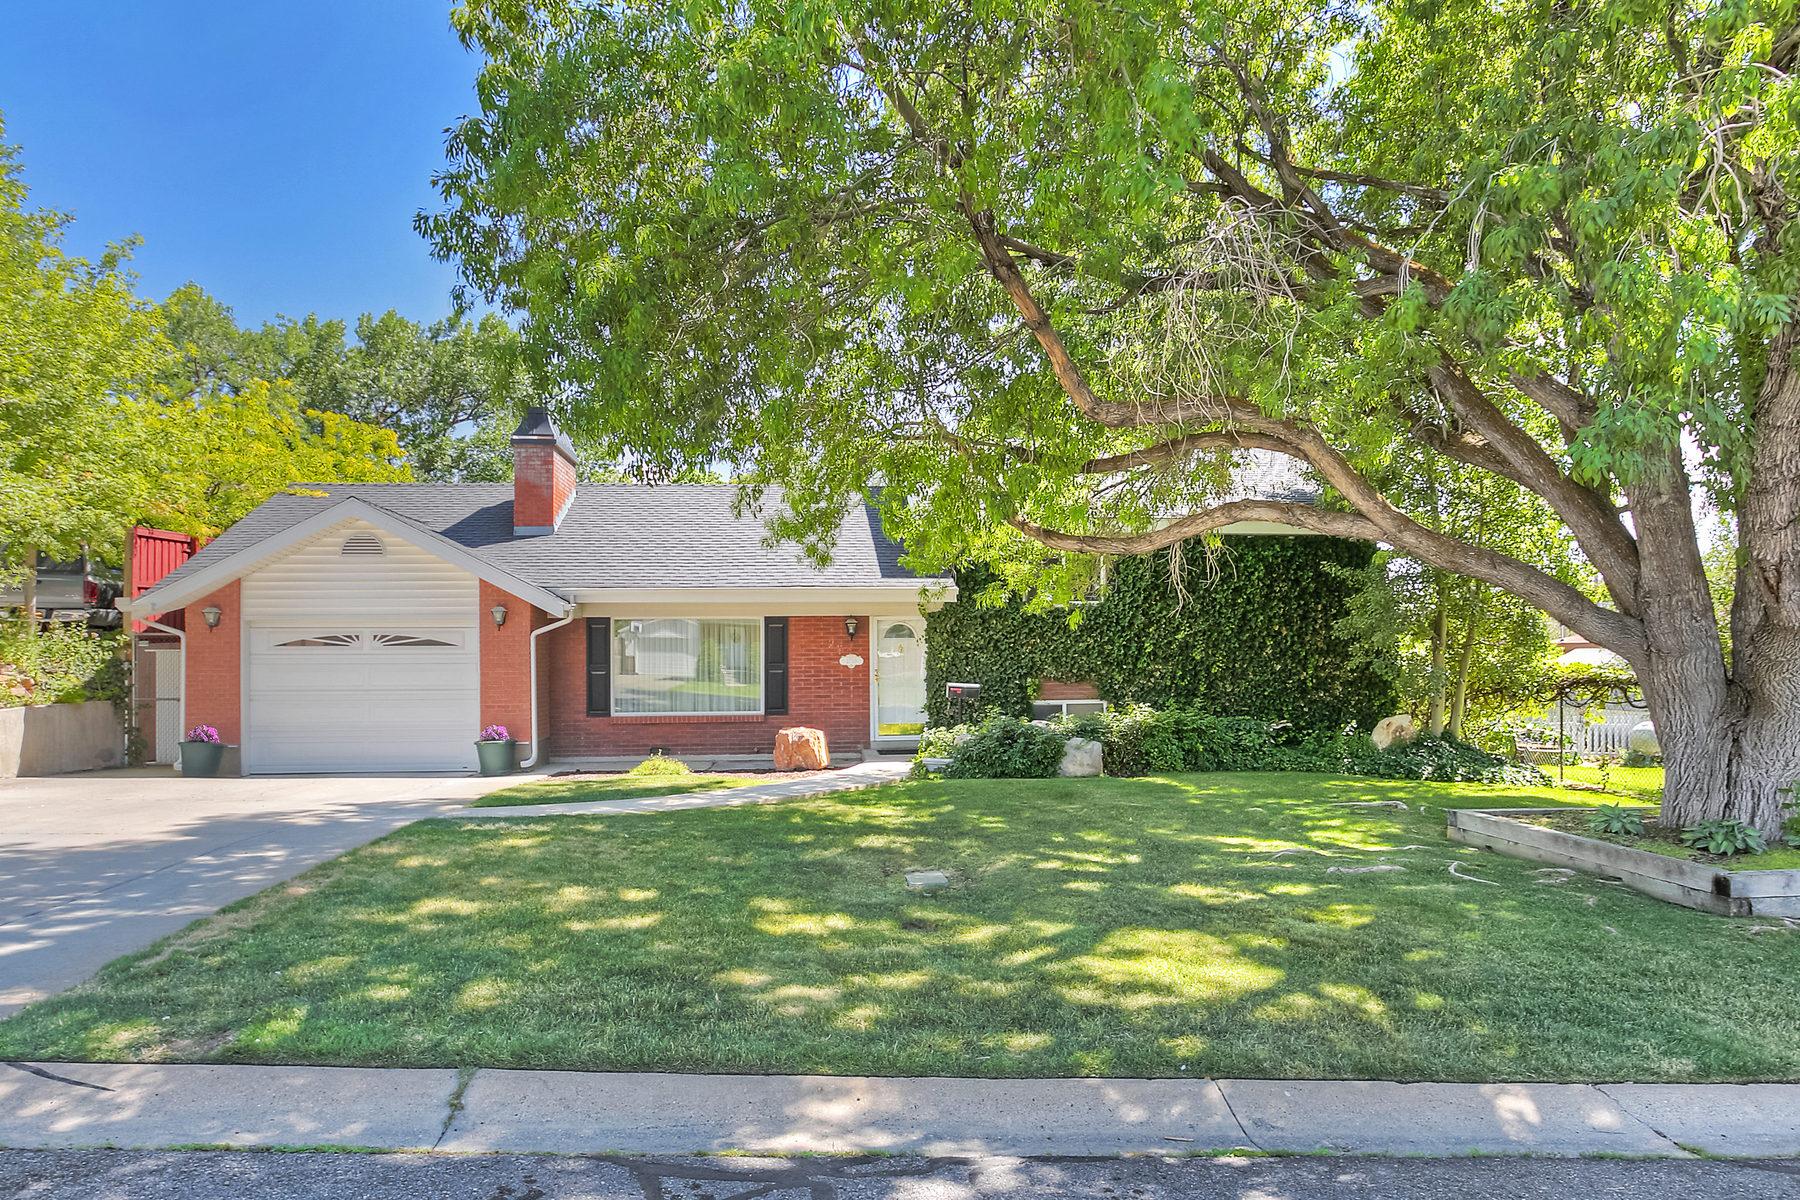 独户住宅 为 销售 在 Incredible and Meticulous Milcreek Home 2730 East 3220 South Salt Lake City, 犹他州 84109 美国